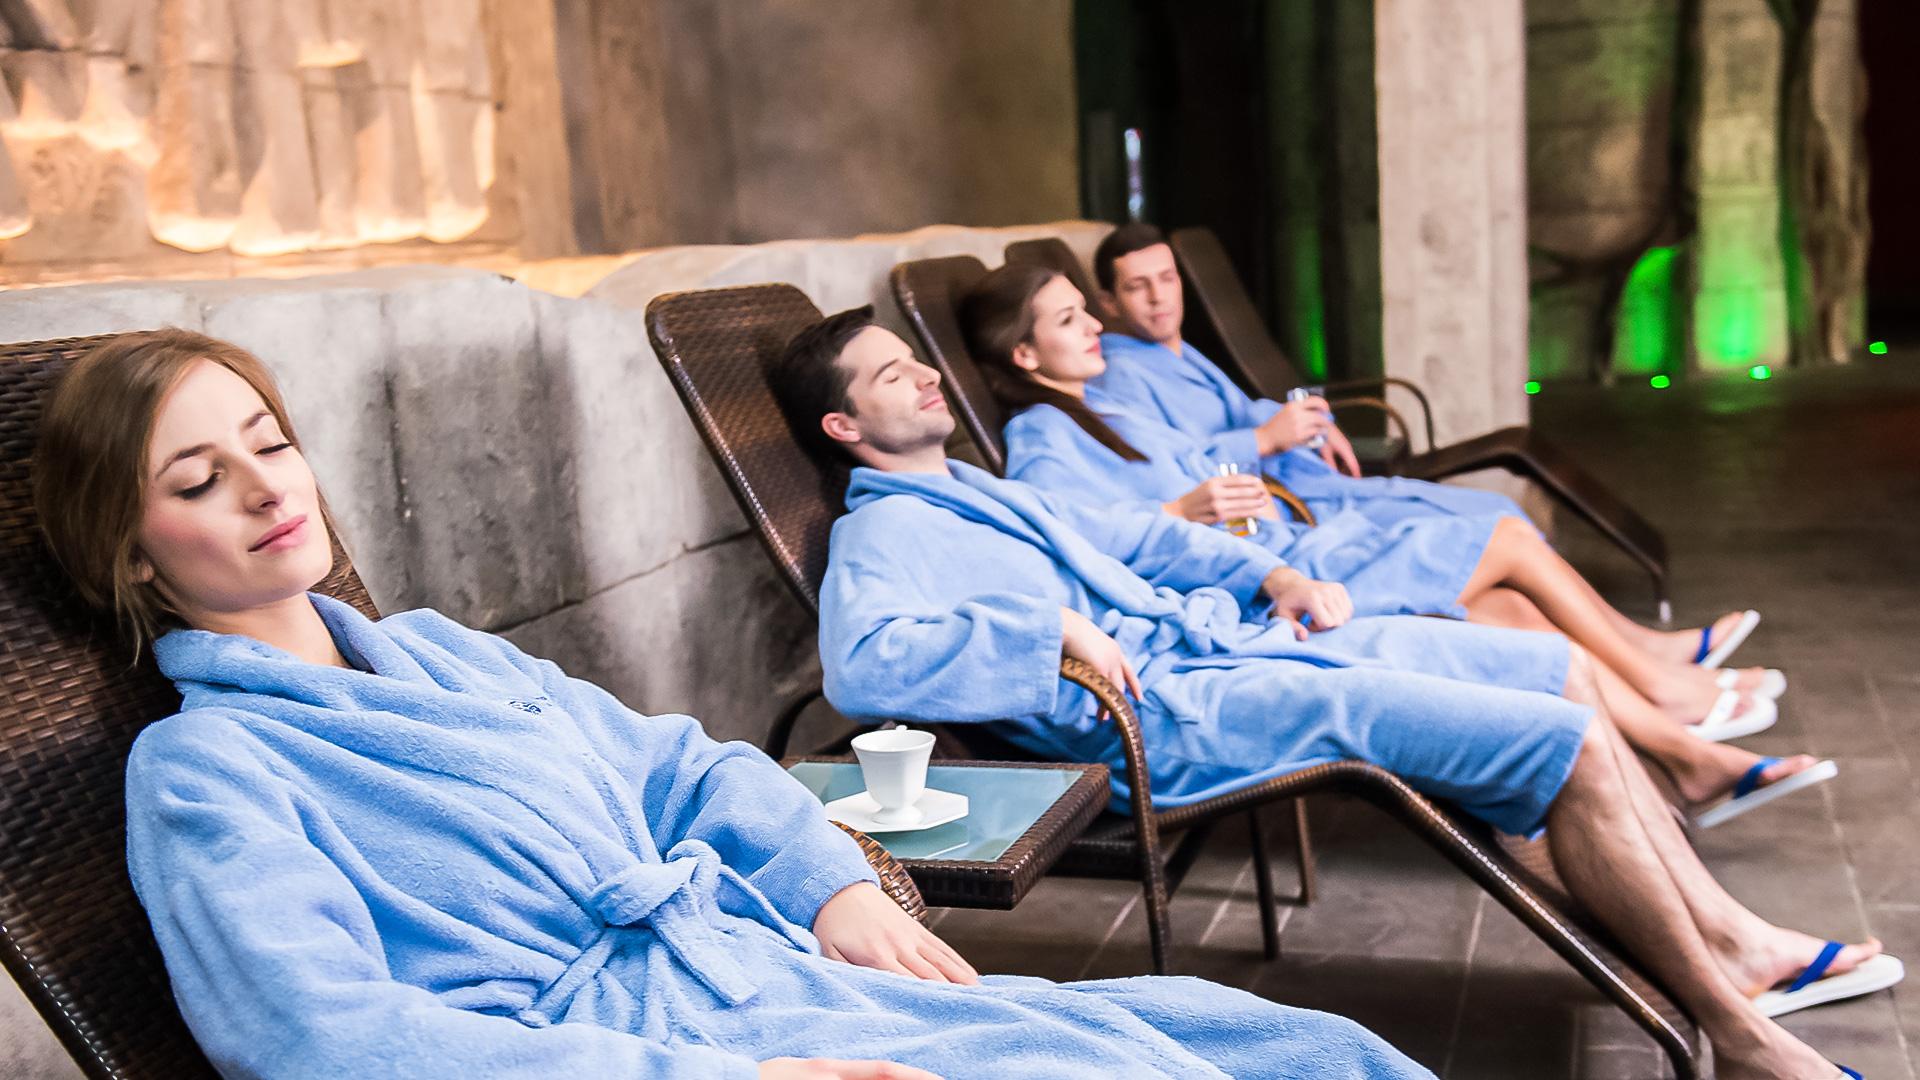 świat saun w termach maltańskich